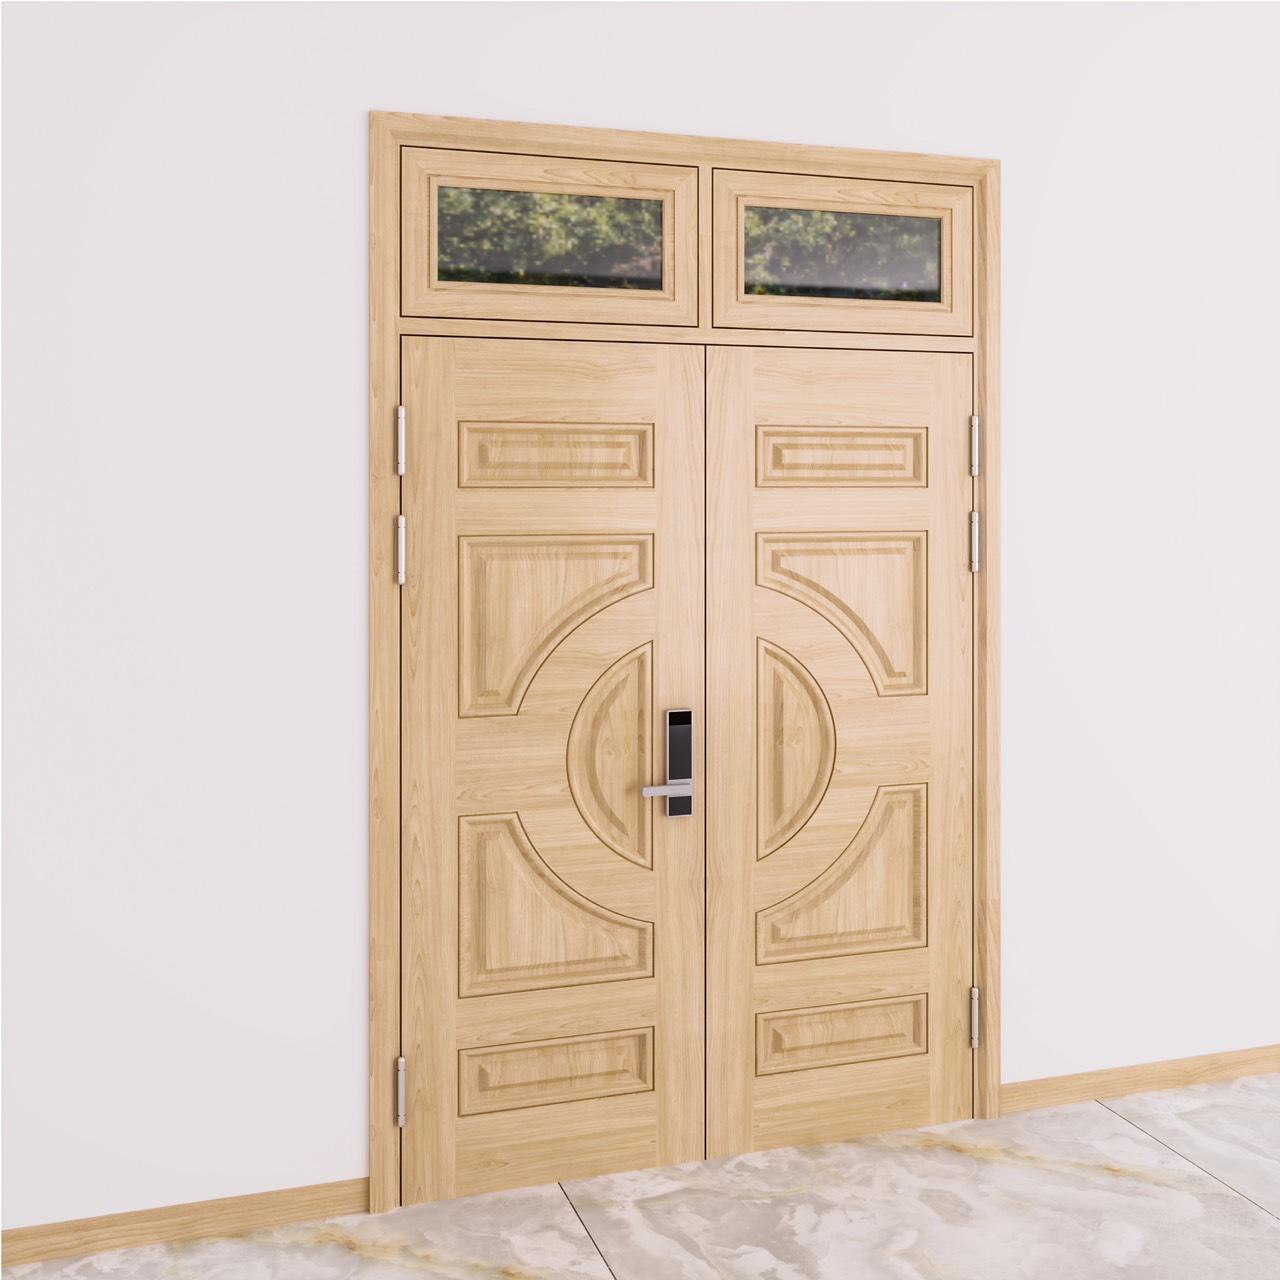 Cách lựa chọn mẫu cửa thép vân gỗ phòng ngủ phù hợp